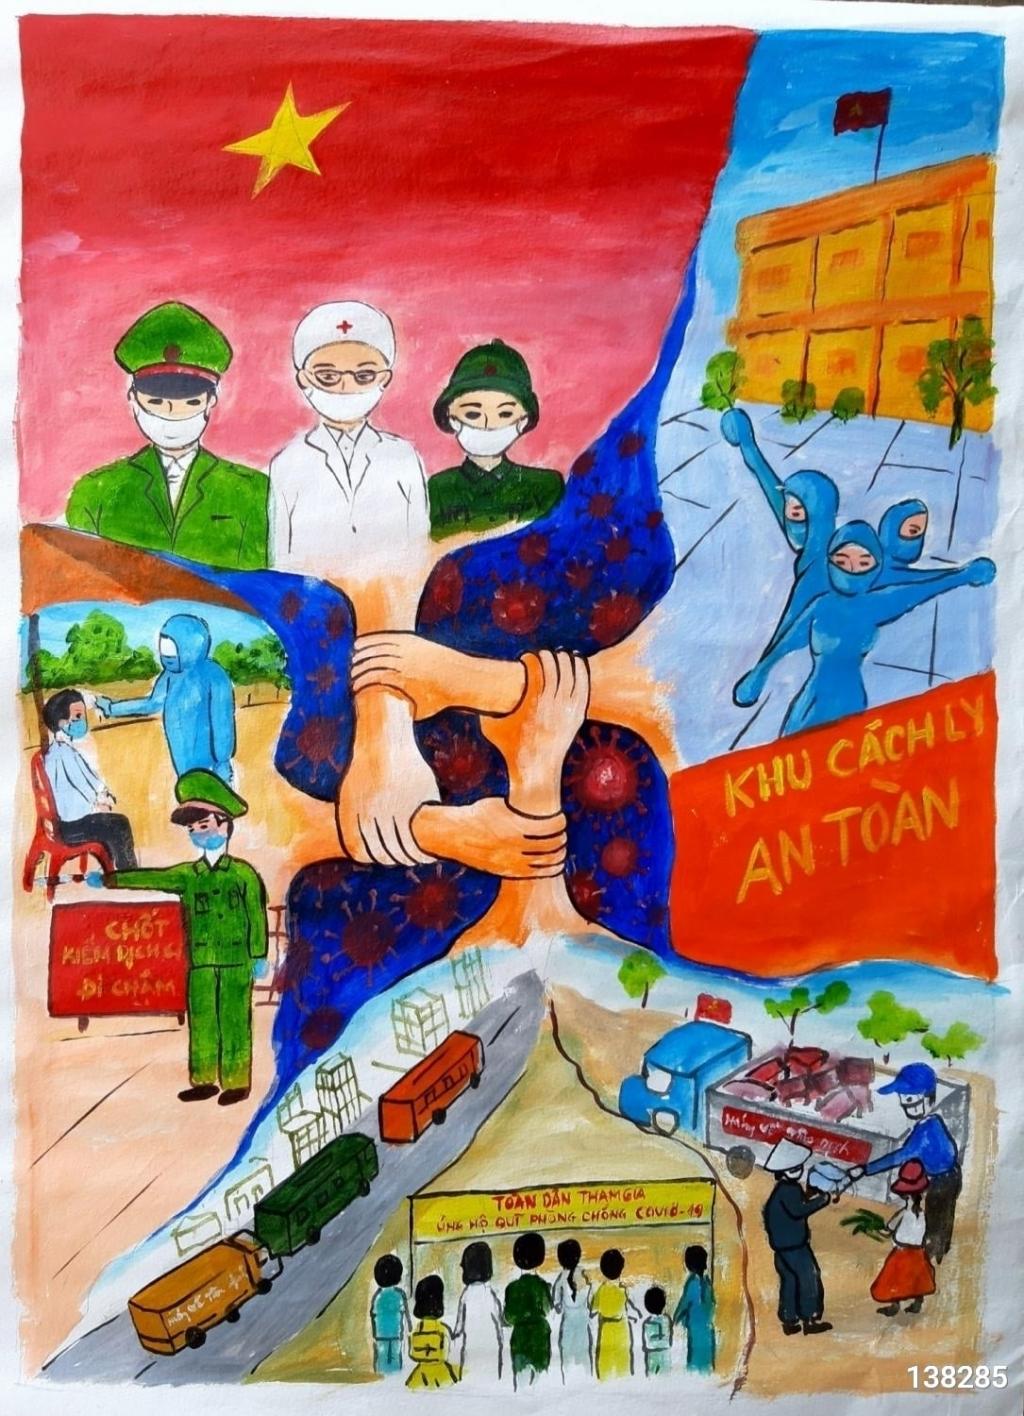 Tác phẩm: Việt Nam chiến thắng đại dịch, Hoàng Nguyễn Như Quỳnh, Lớp 5C, Trường TH số 1 Quảng Hưng, huyện Quảng Trạch, tỉnh Quảng Bình